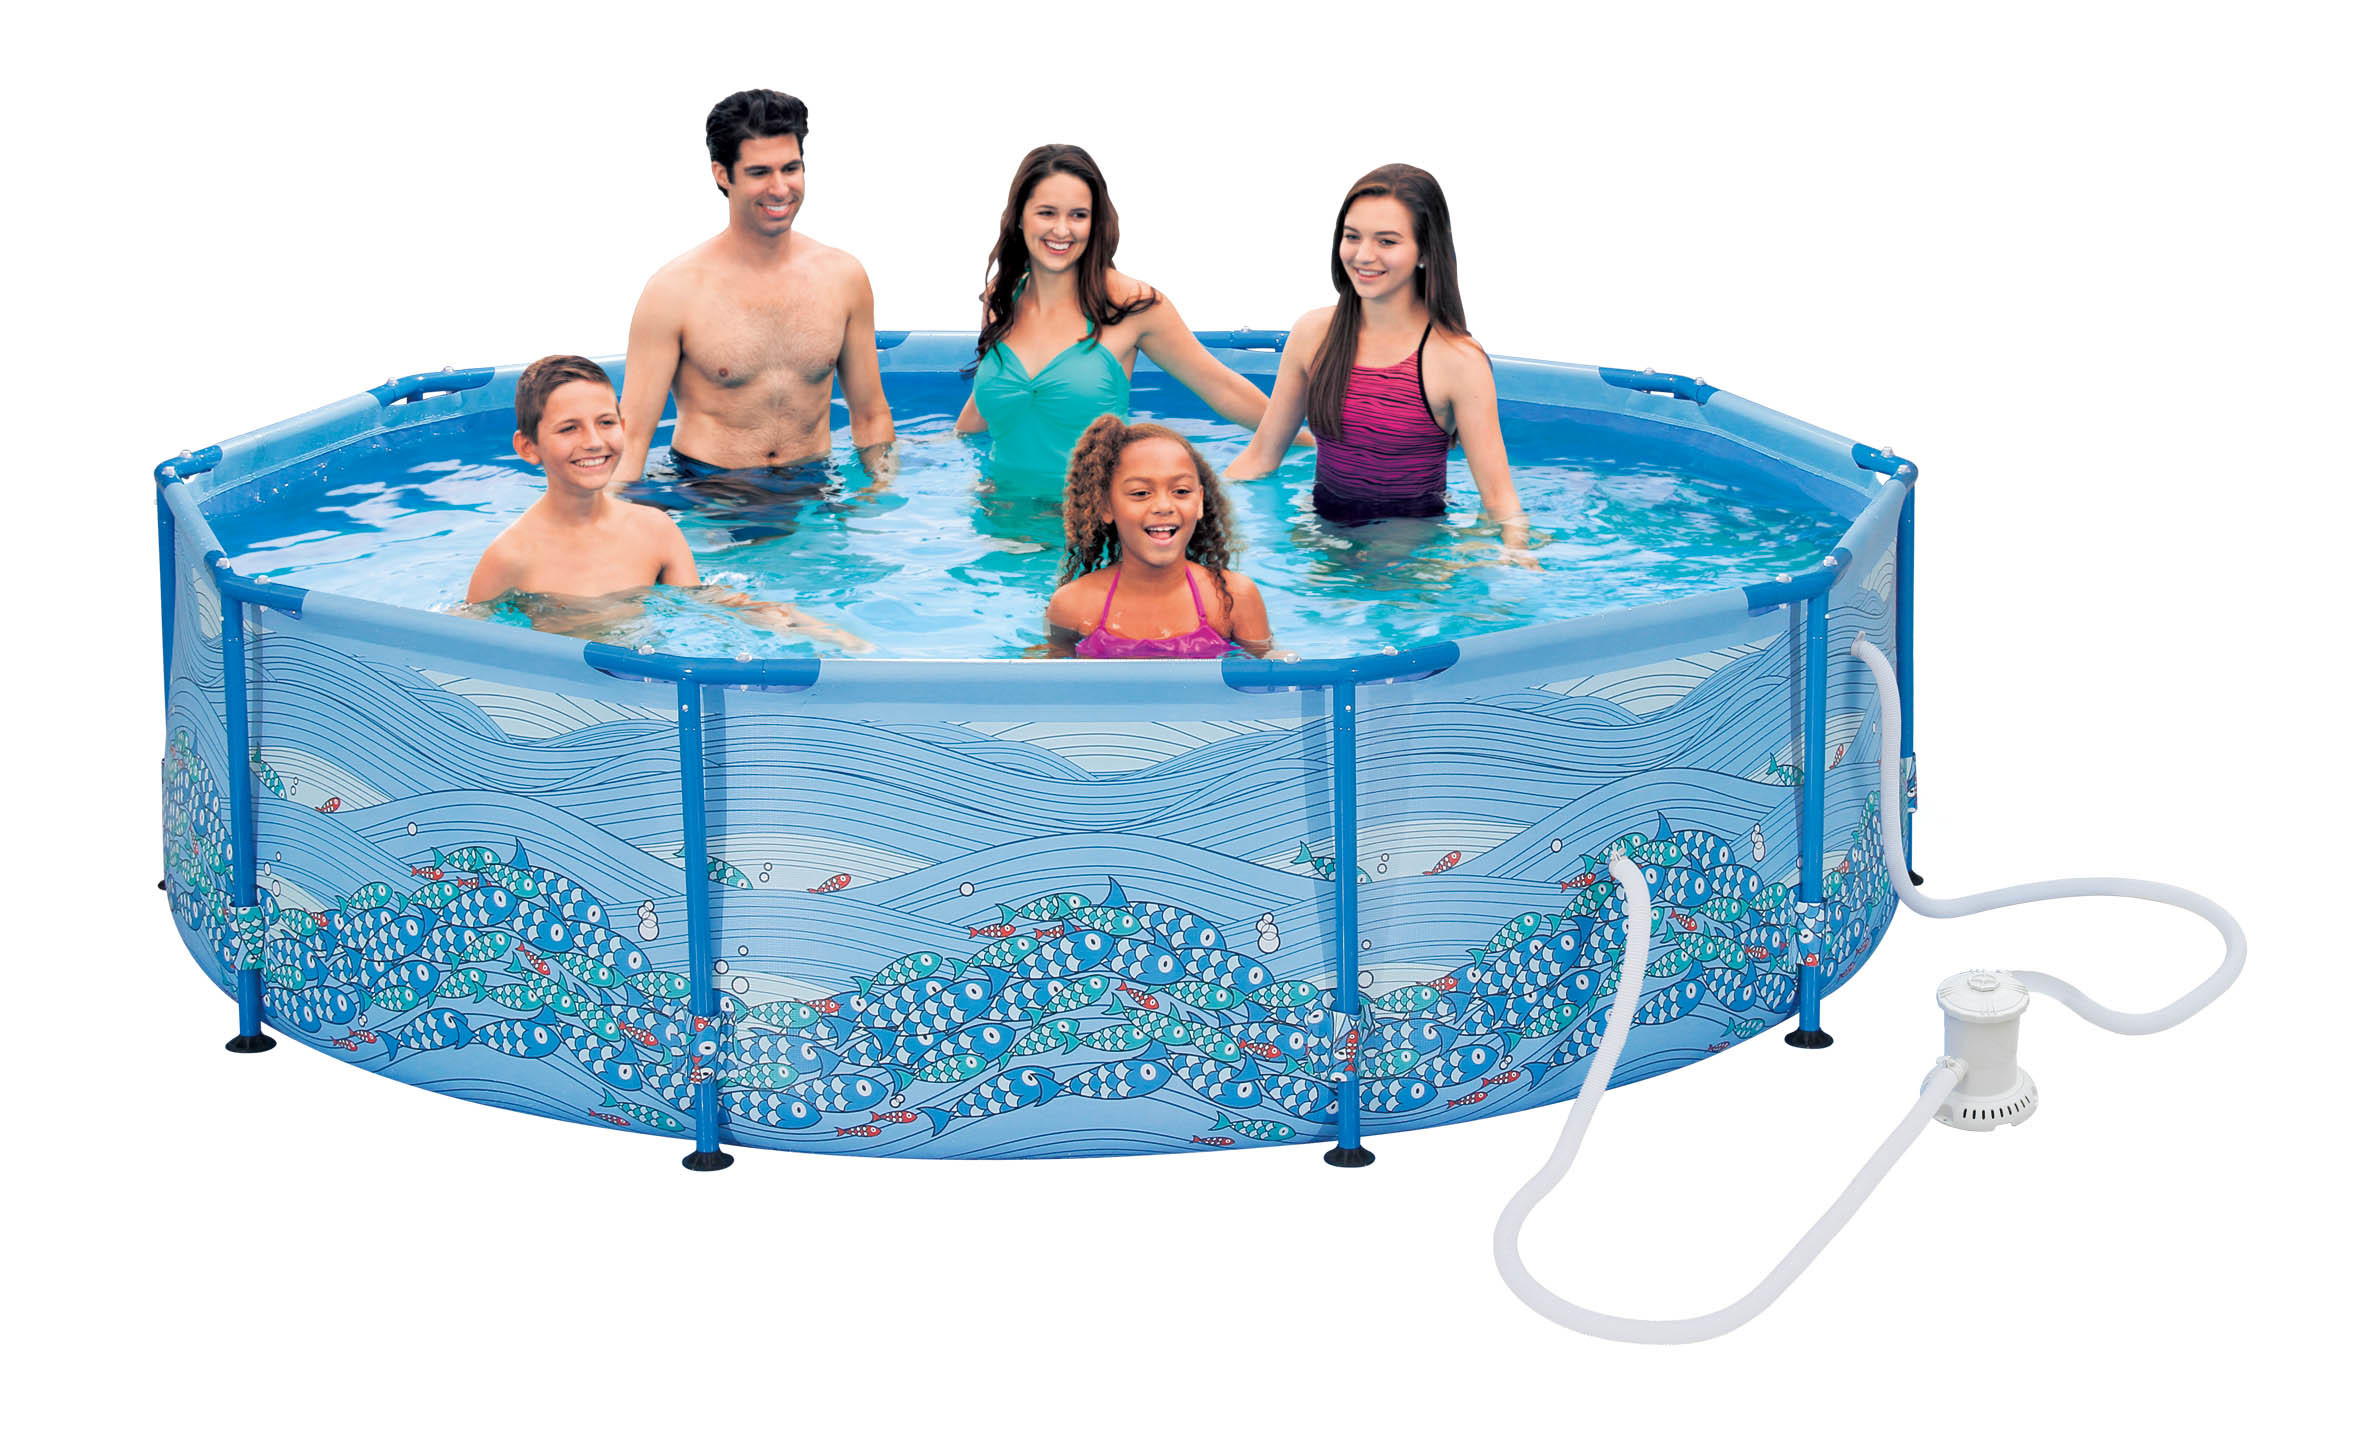 Kit piscine pas cher cool piscine pas cher cdiscount for Piscine kit pas cher